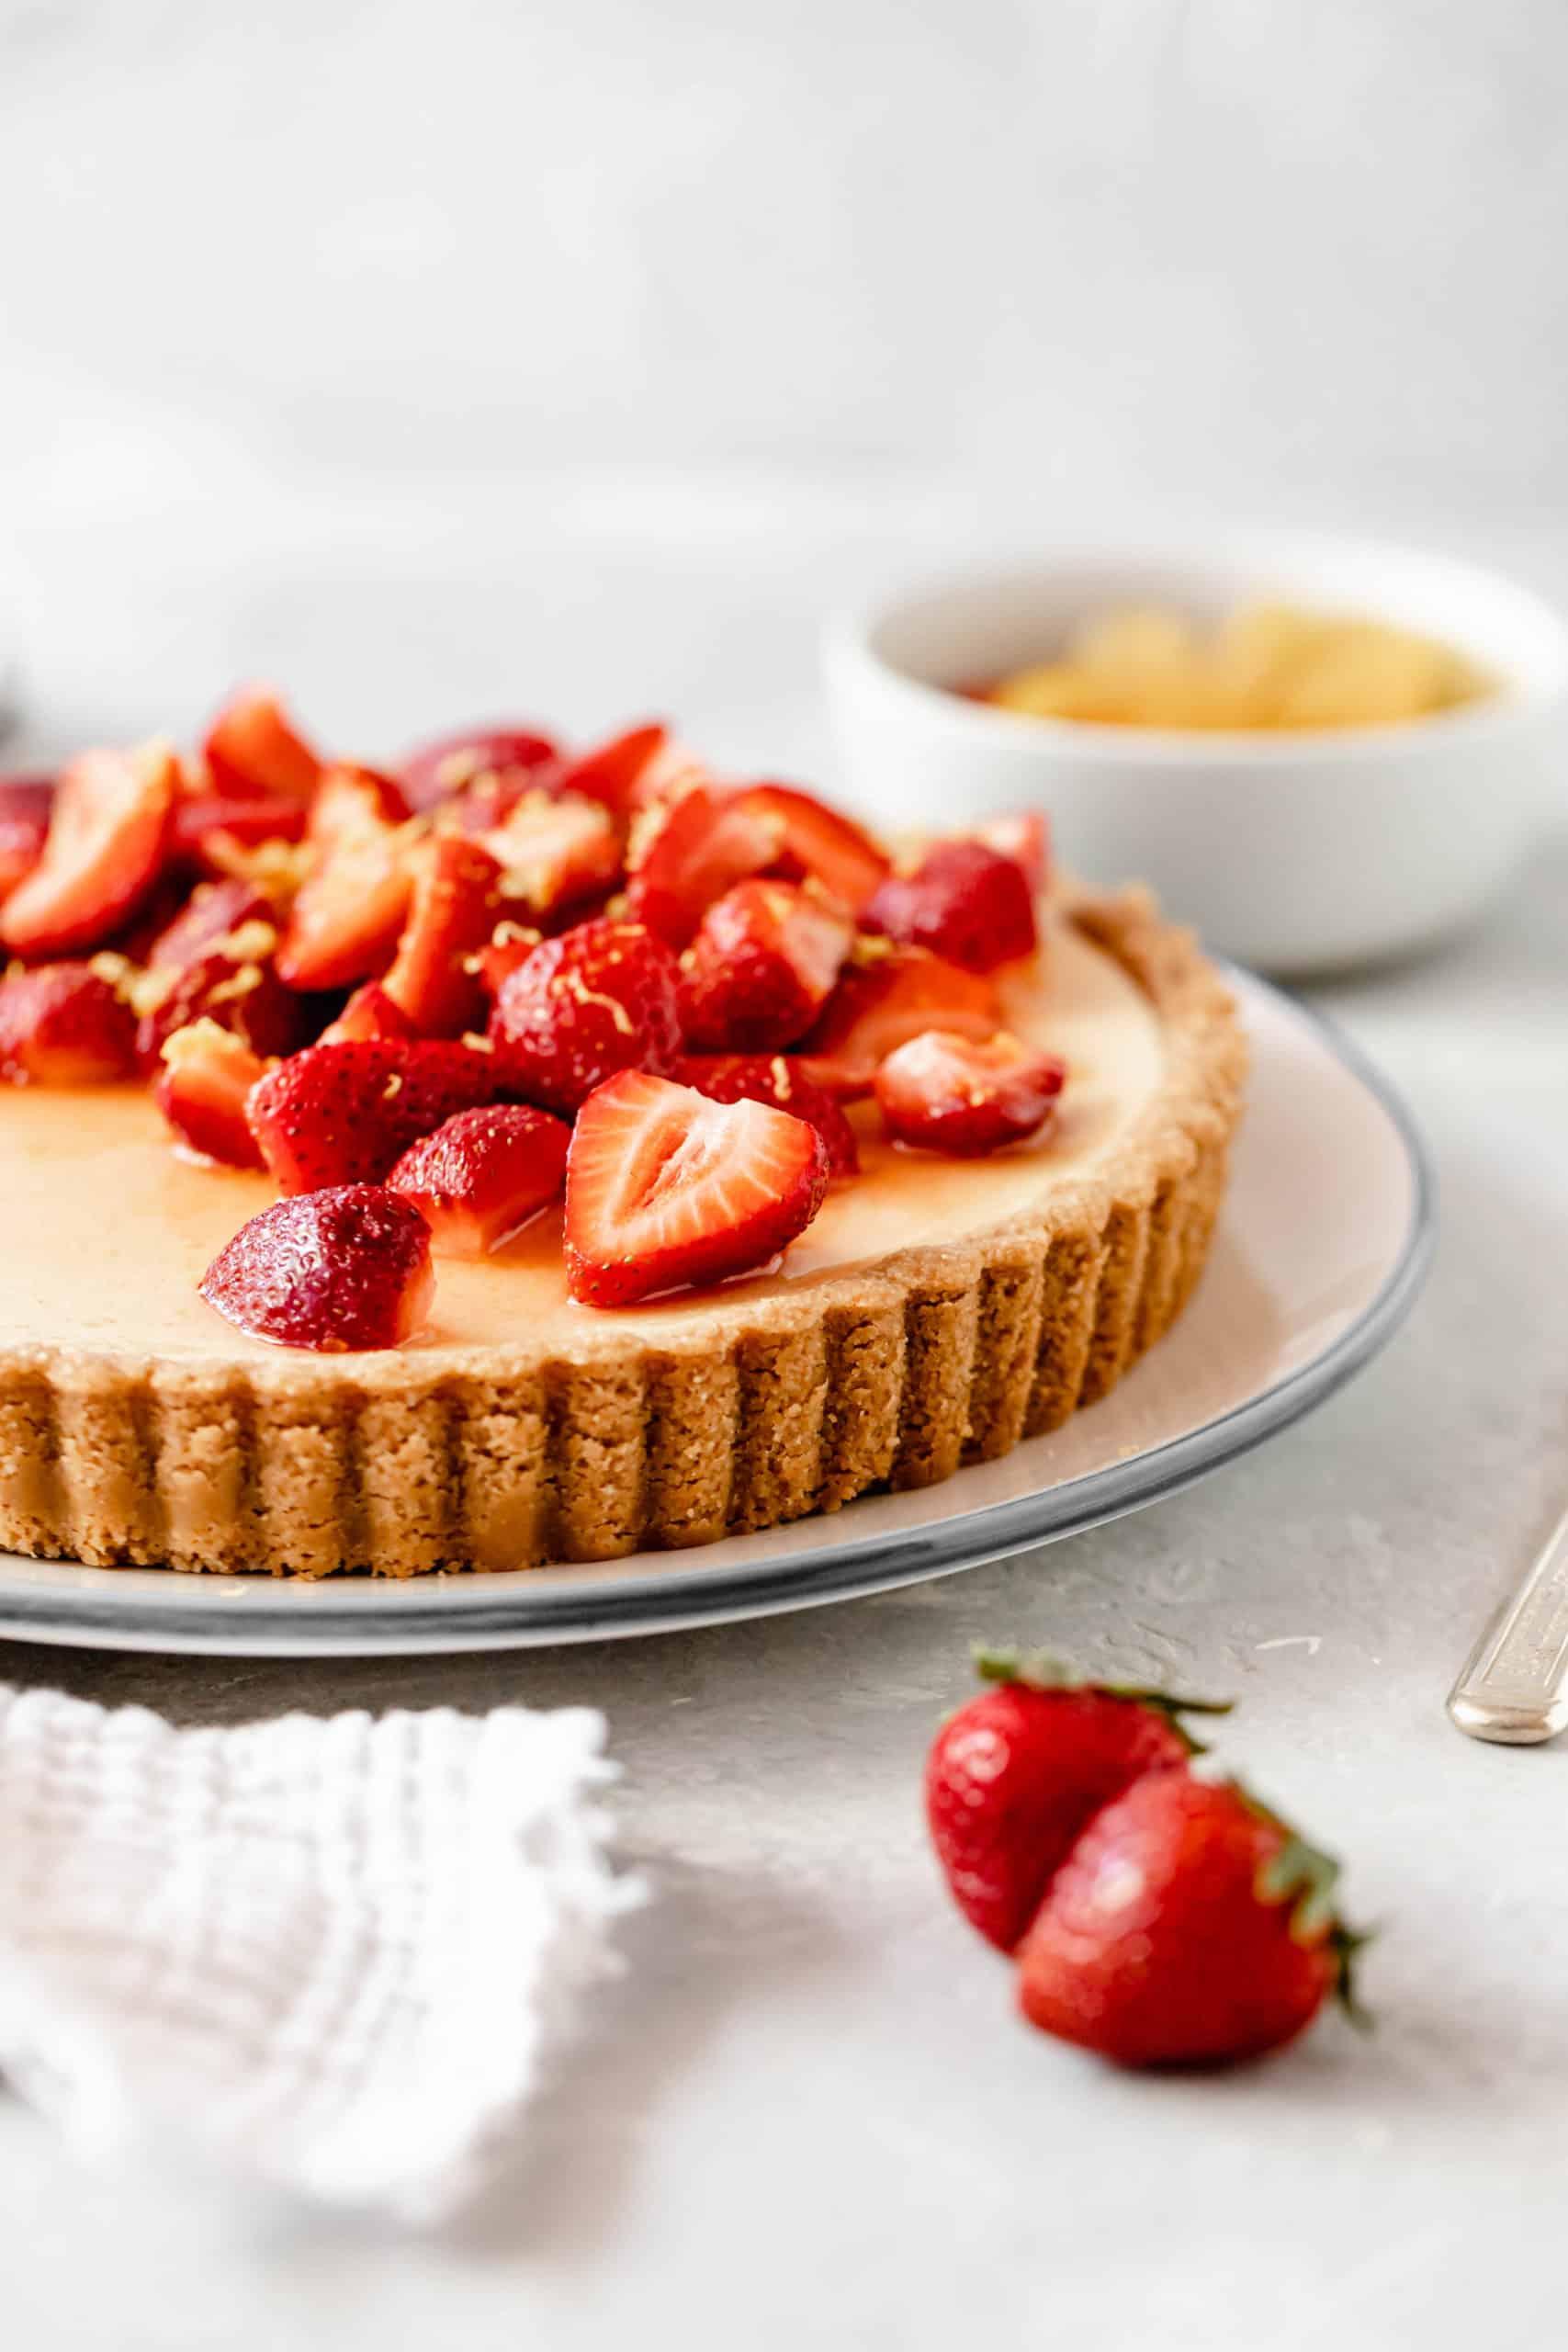 Lemon tart with sliced strawberries